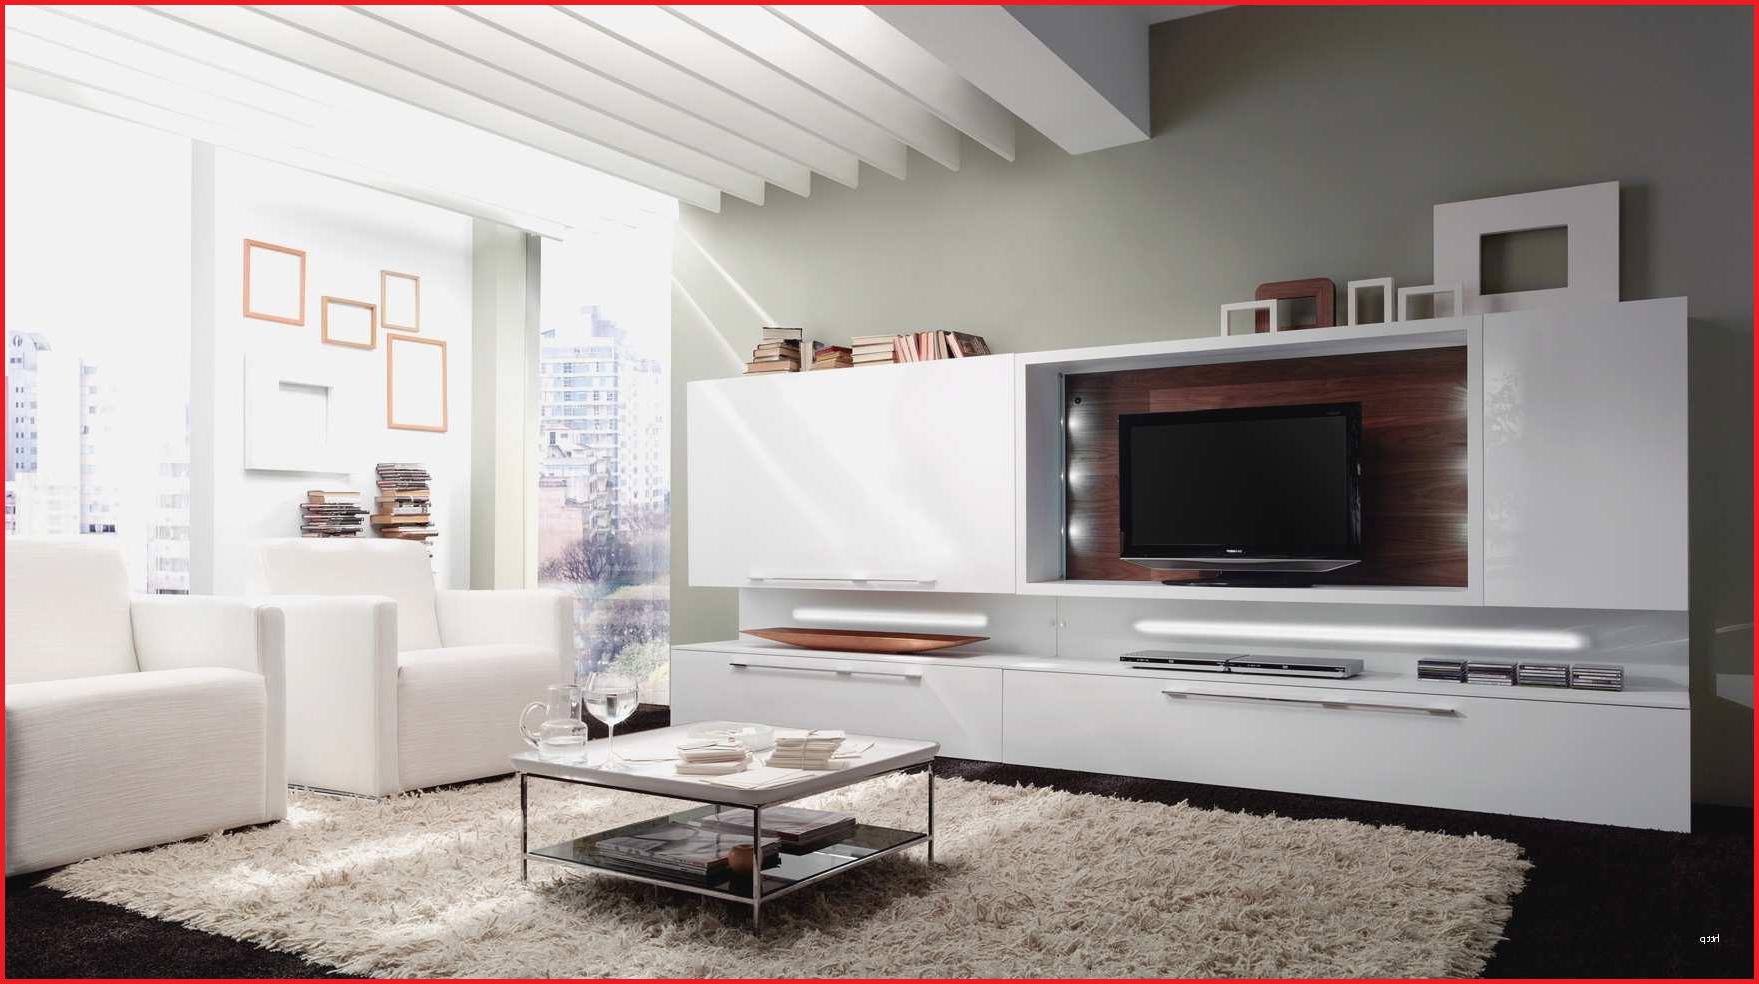 Muebles Baratos Castellon O2d5 Muebles Baratos En Castellon Impresionante Buenos Muebles